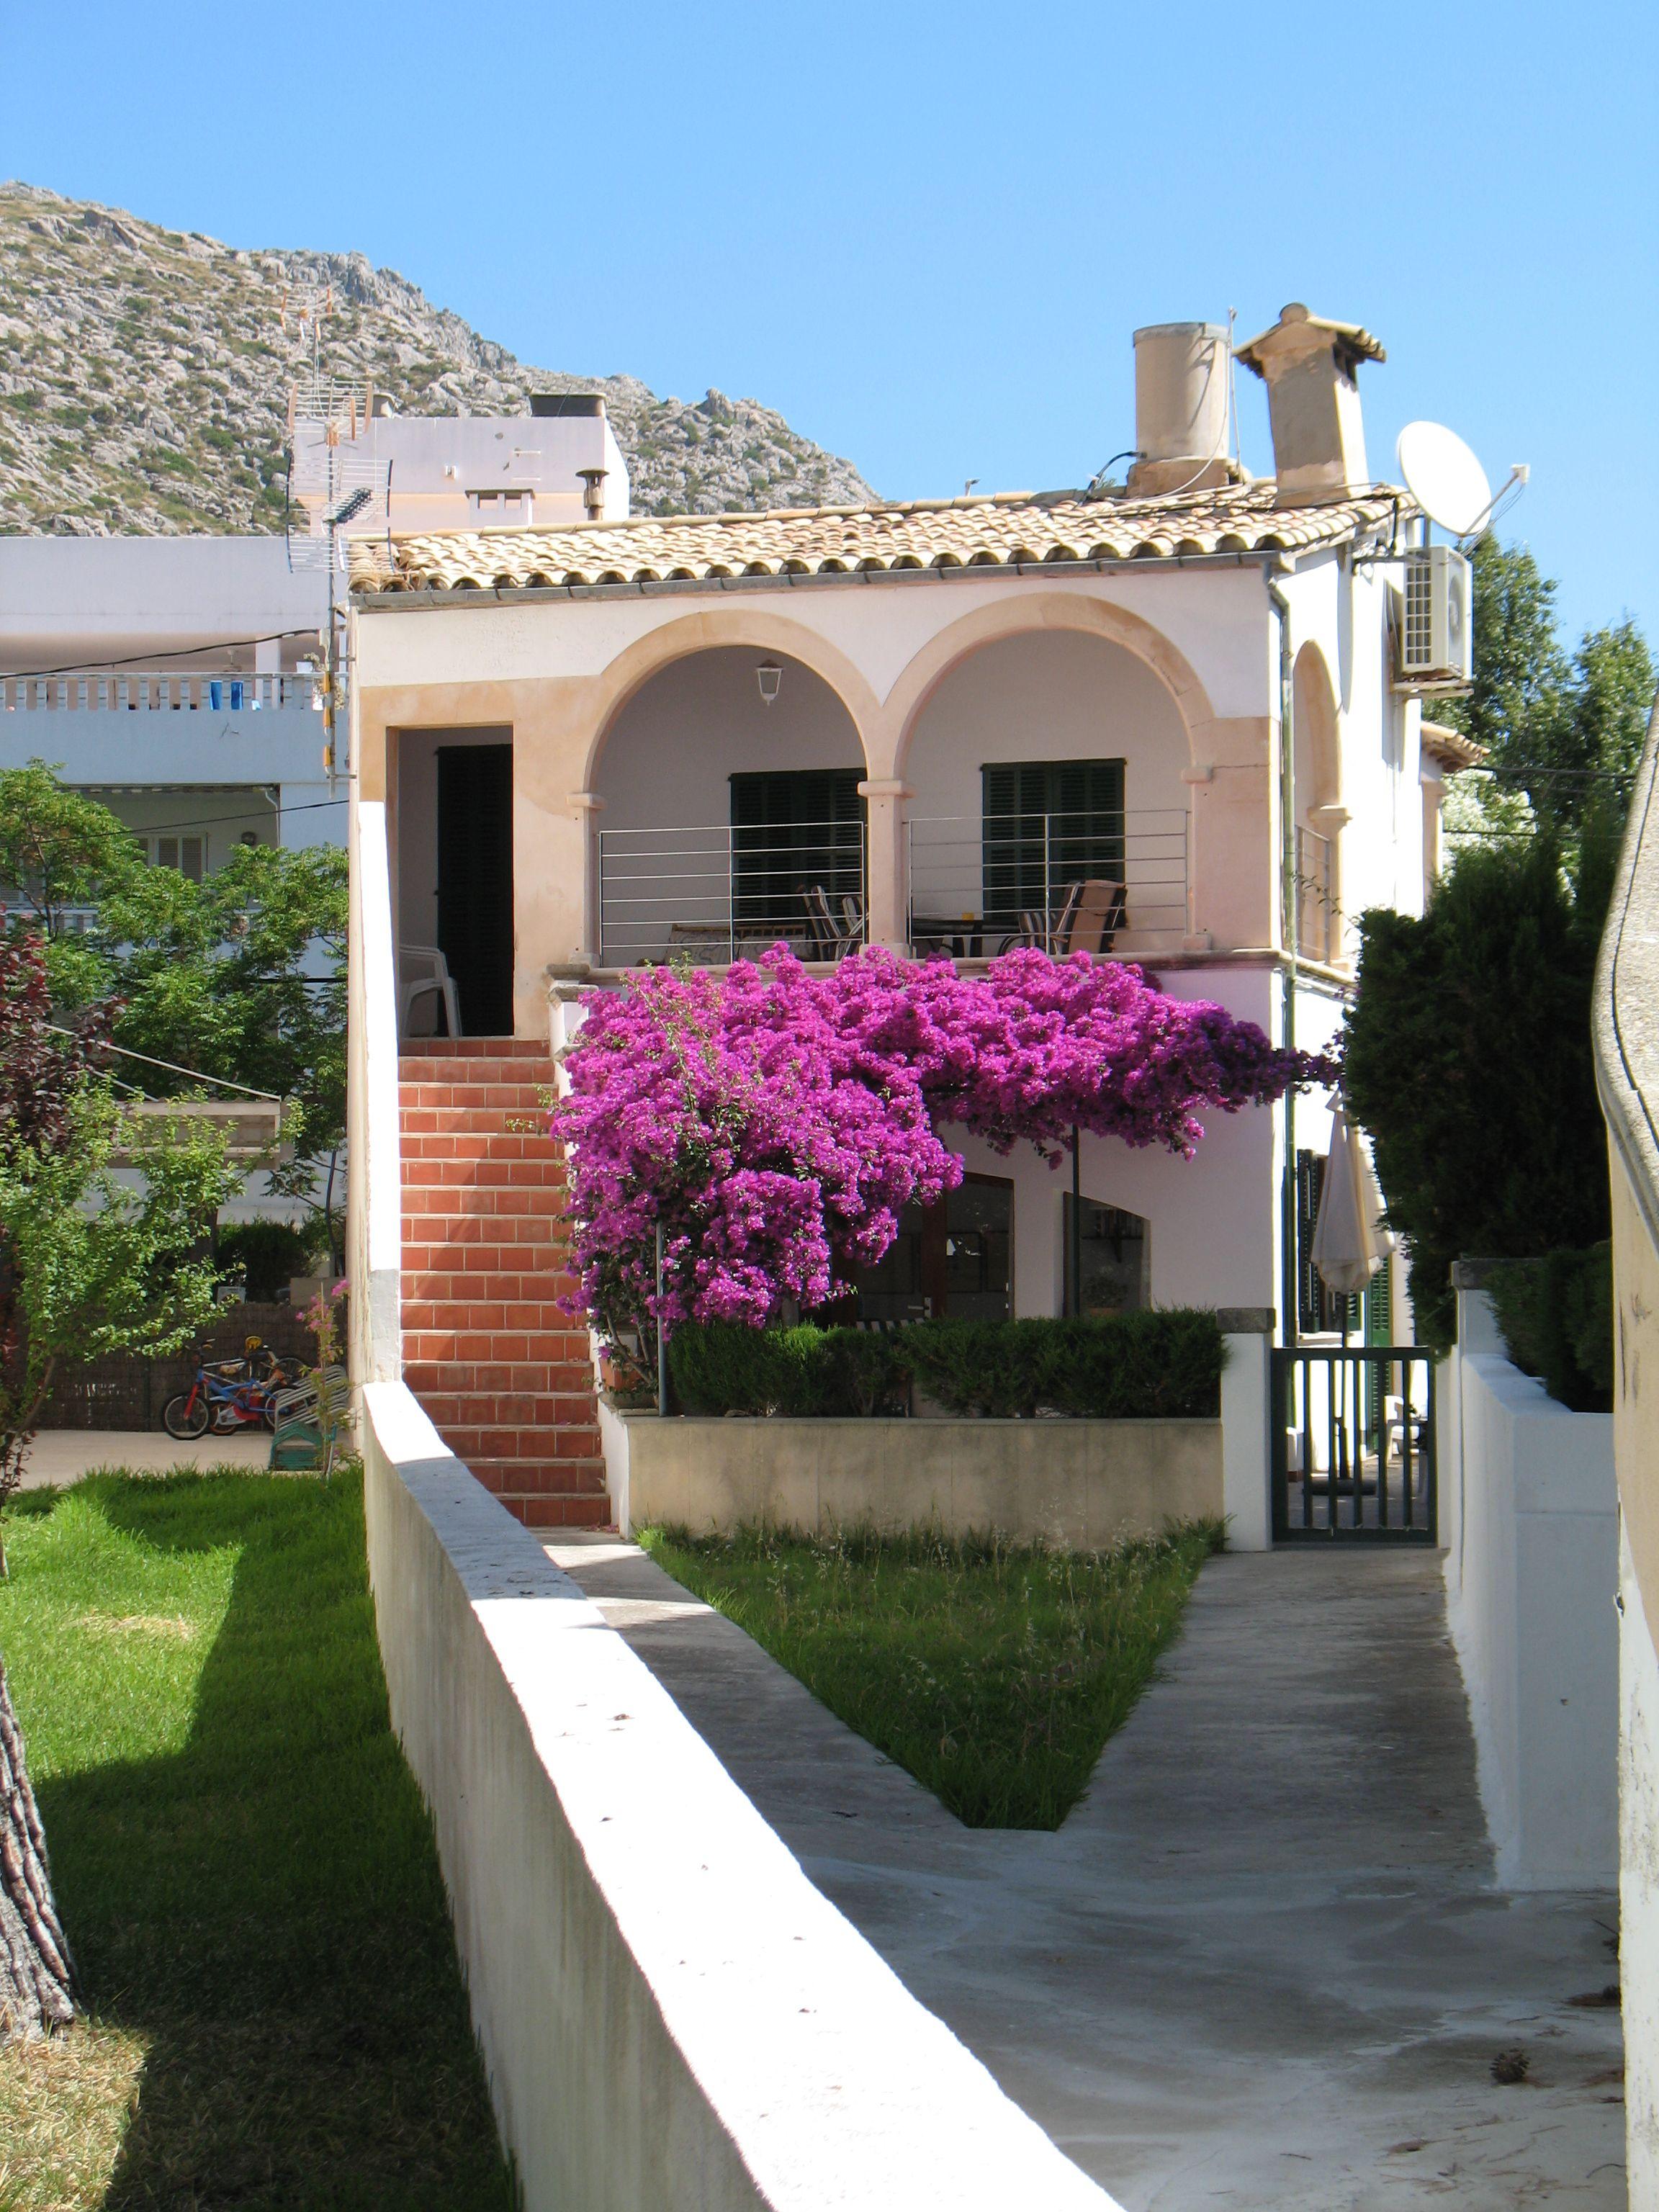 Bougainvillea In Puerto Pollensa Islas Baleares Palma De Mallorca Mallorca